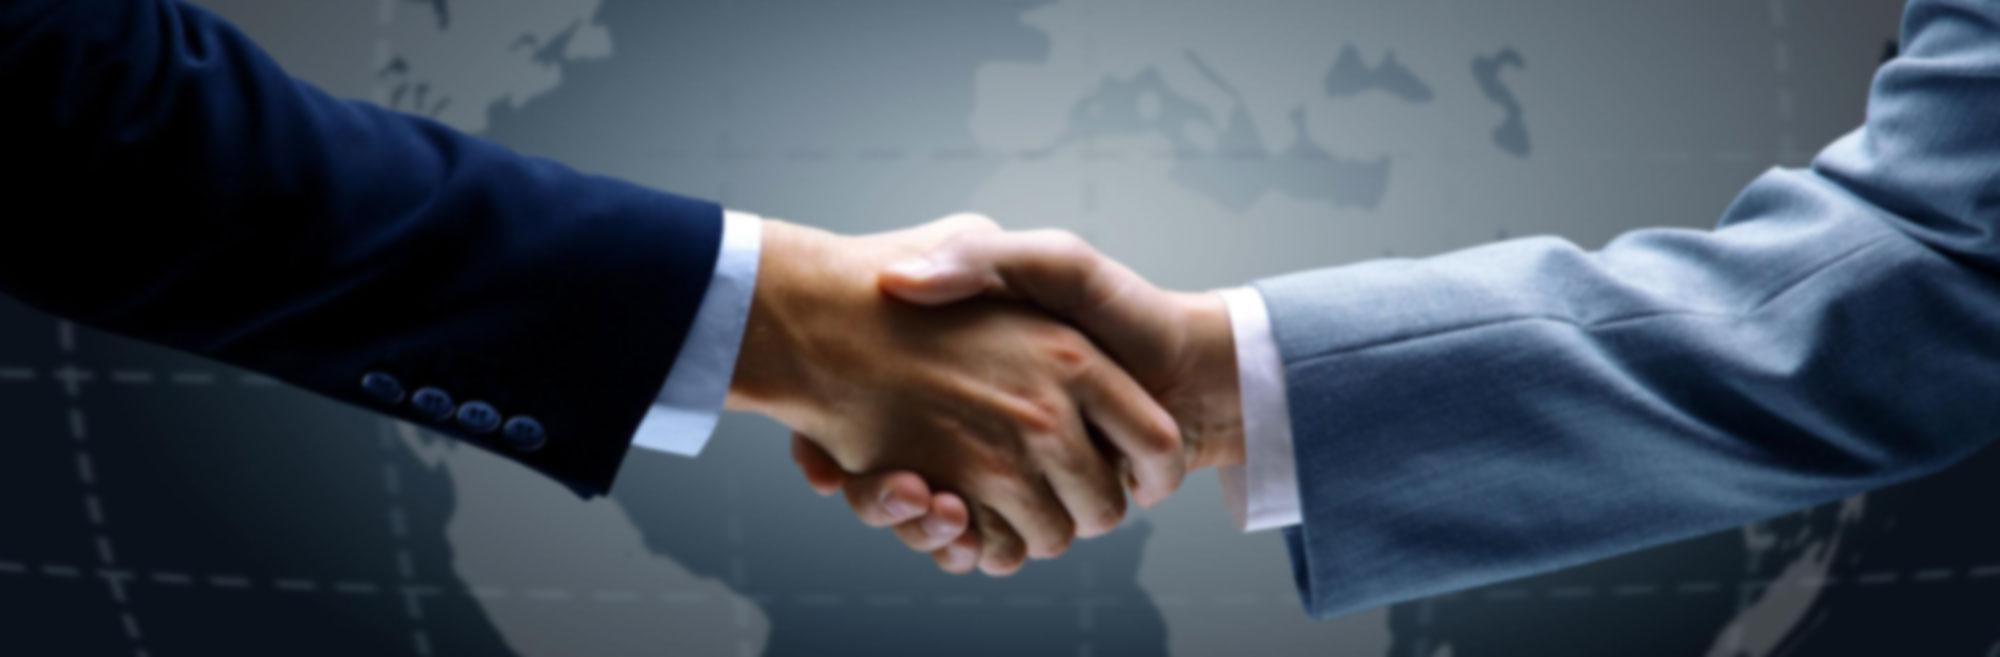 Adr occ mediazione Composizione della crisi da sovraindebitamento legge 3 2012 legal professional network lpn organismo di mediazione